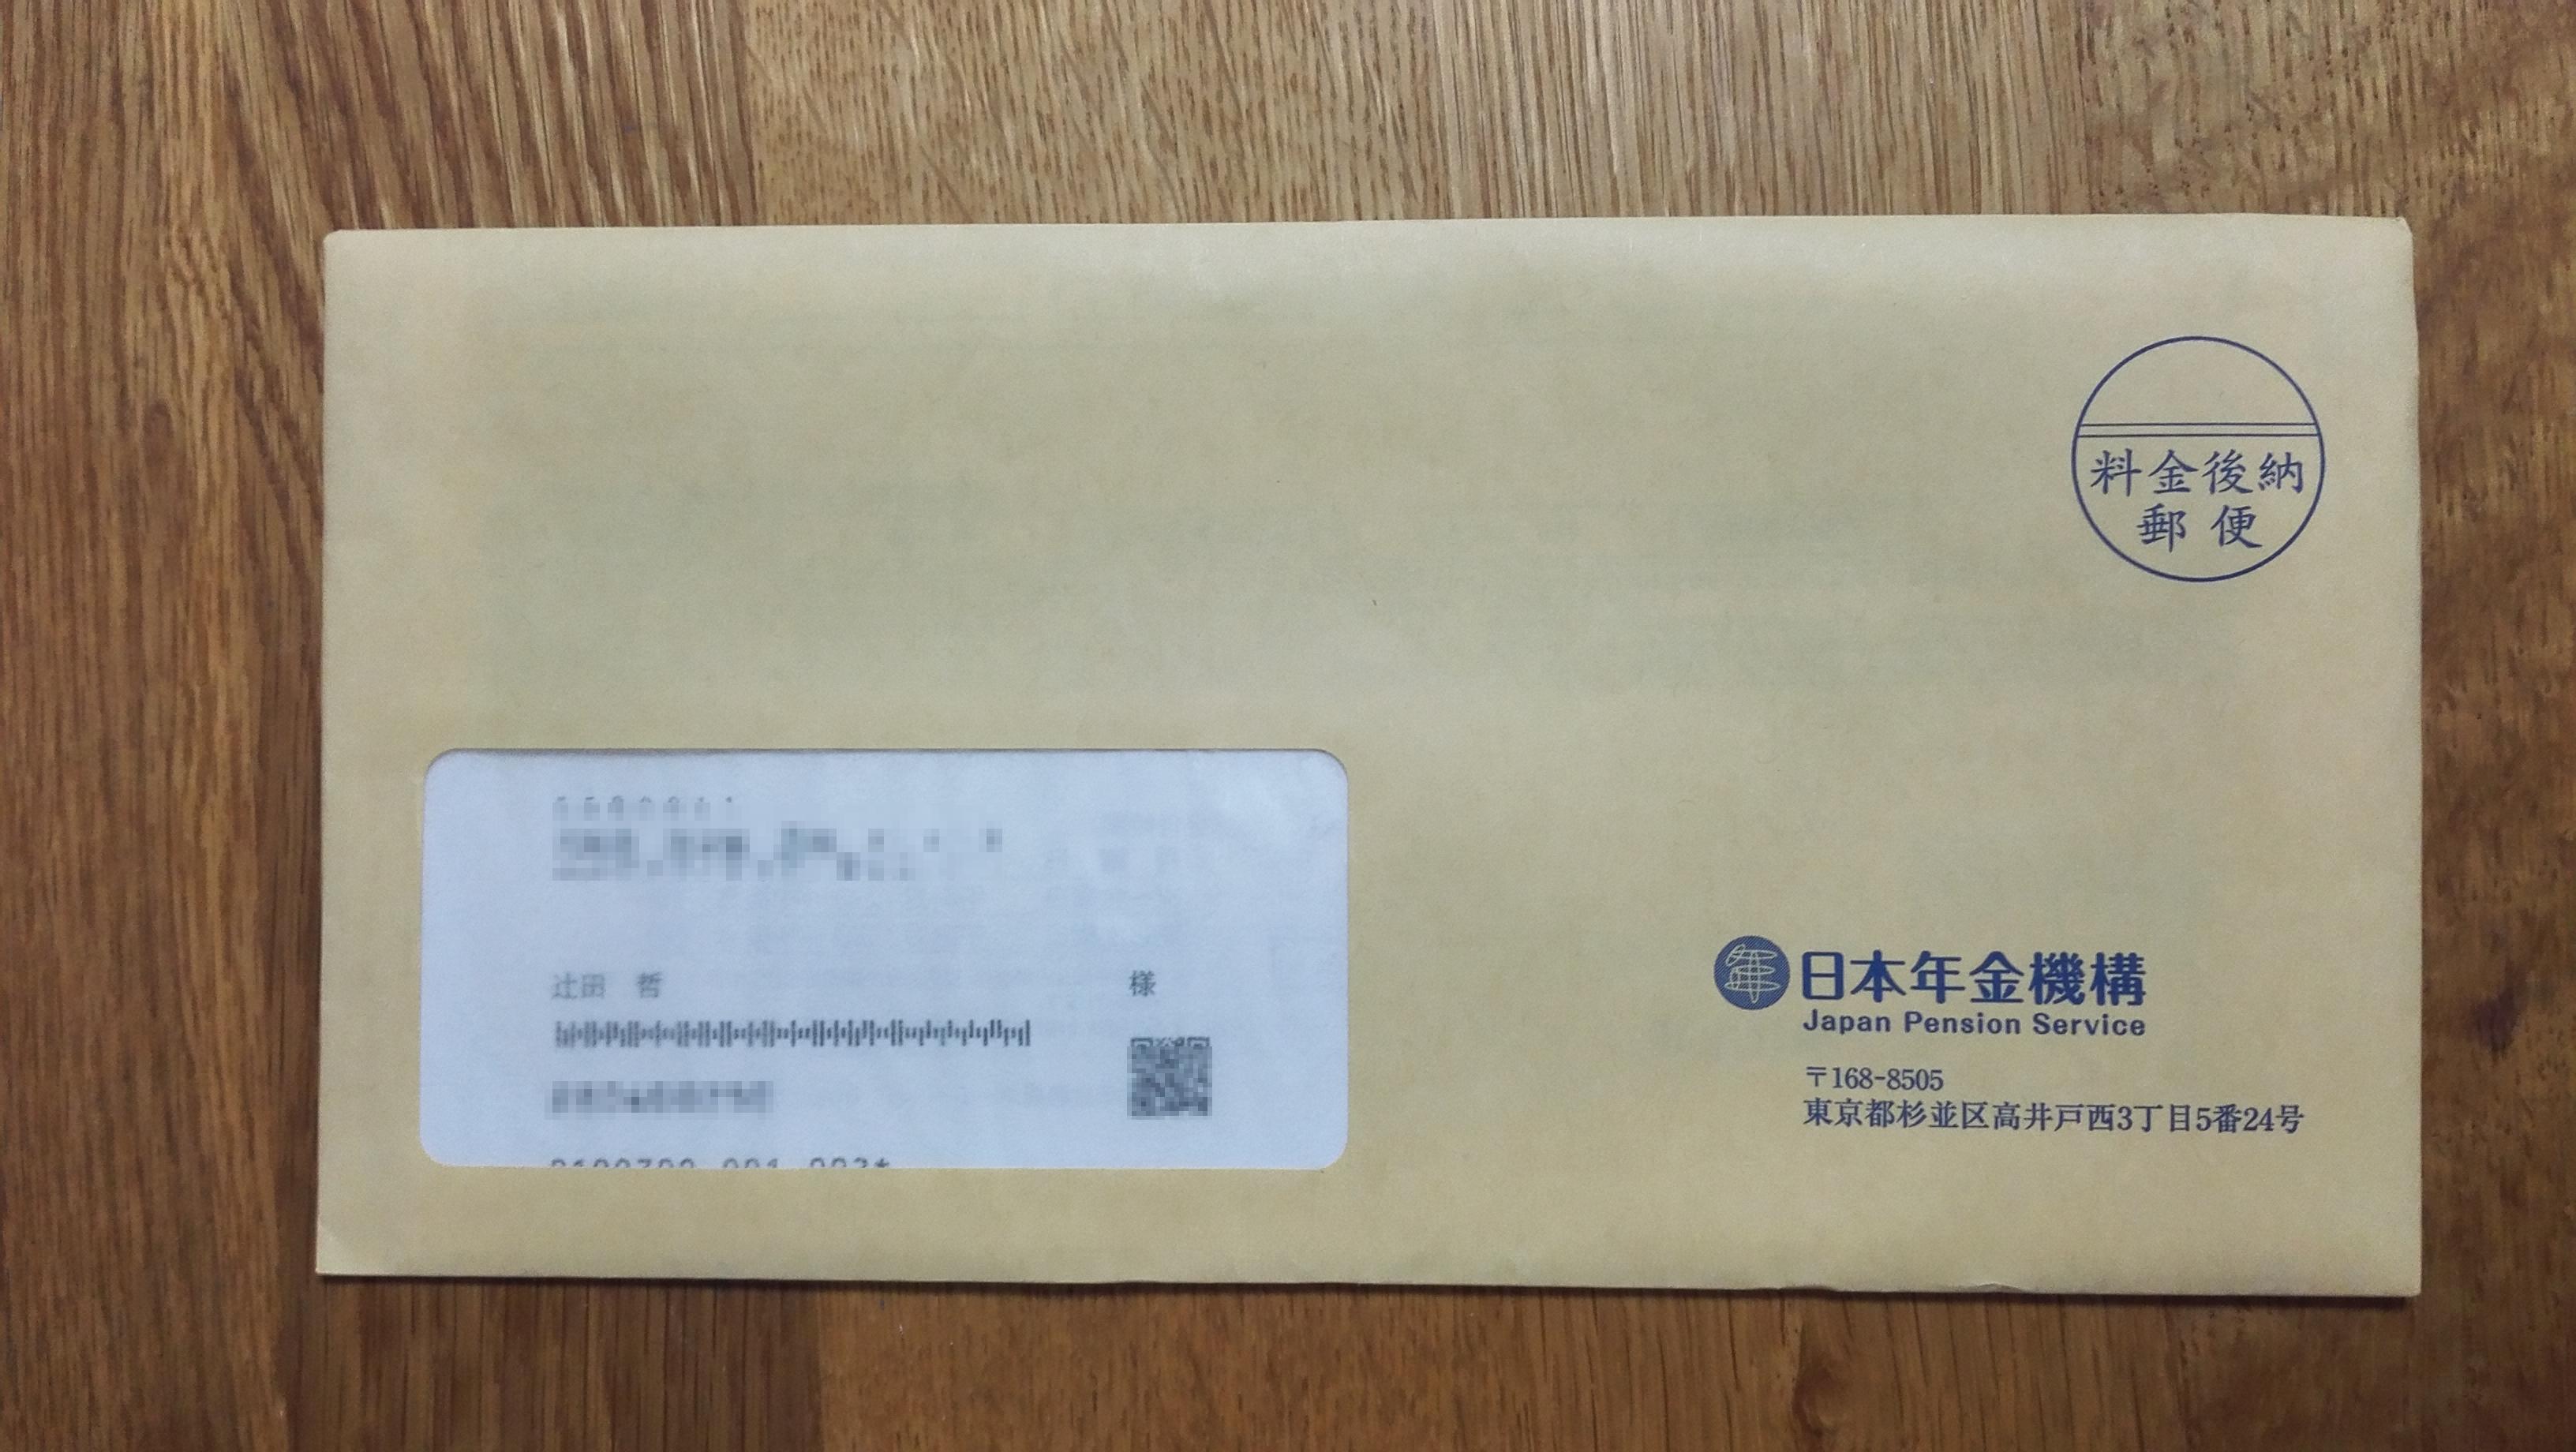 日本年金機構からの更新結果通知書